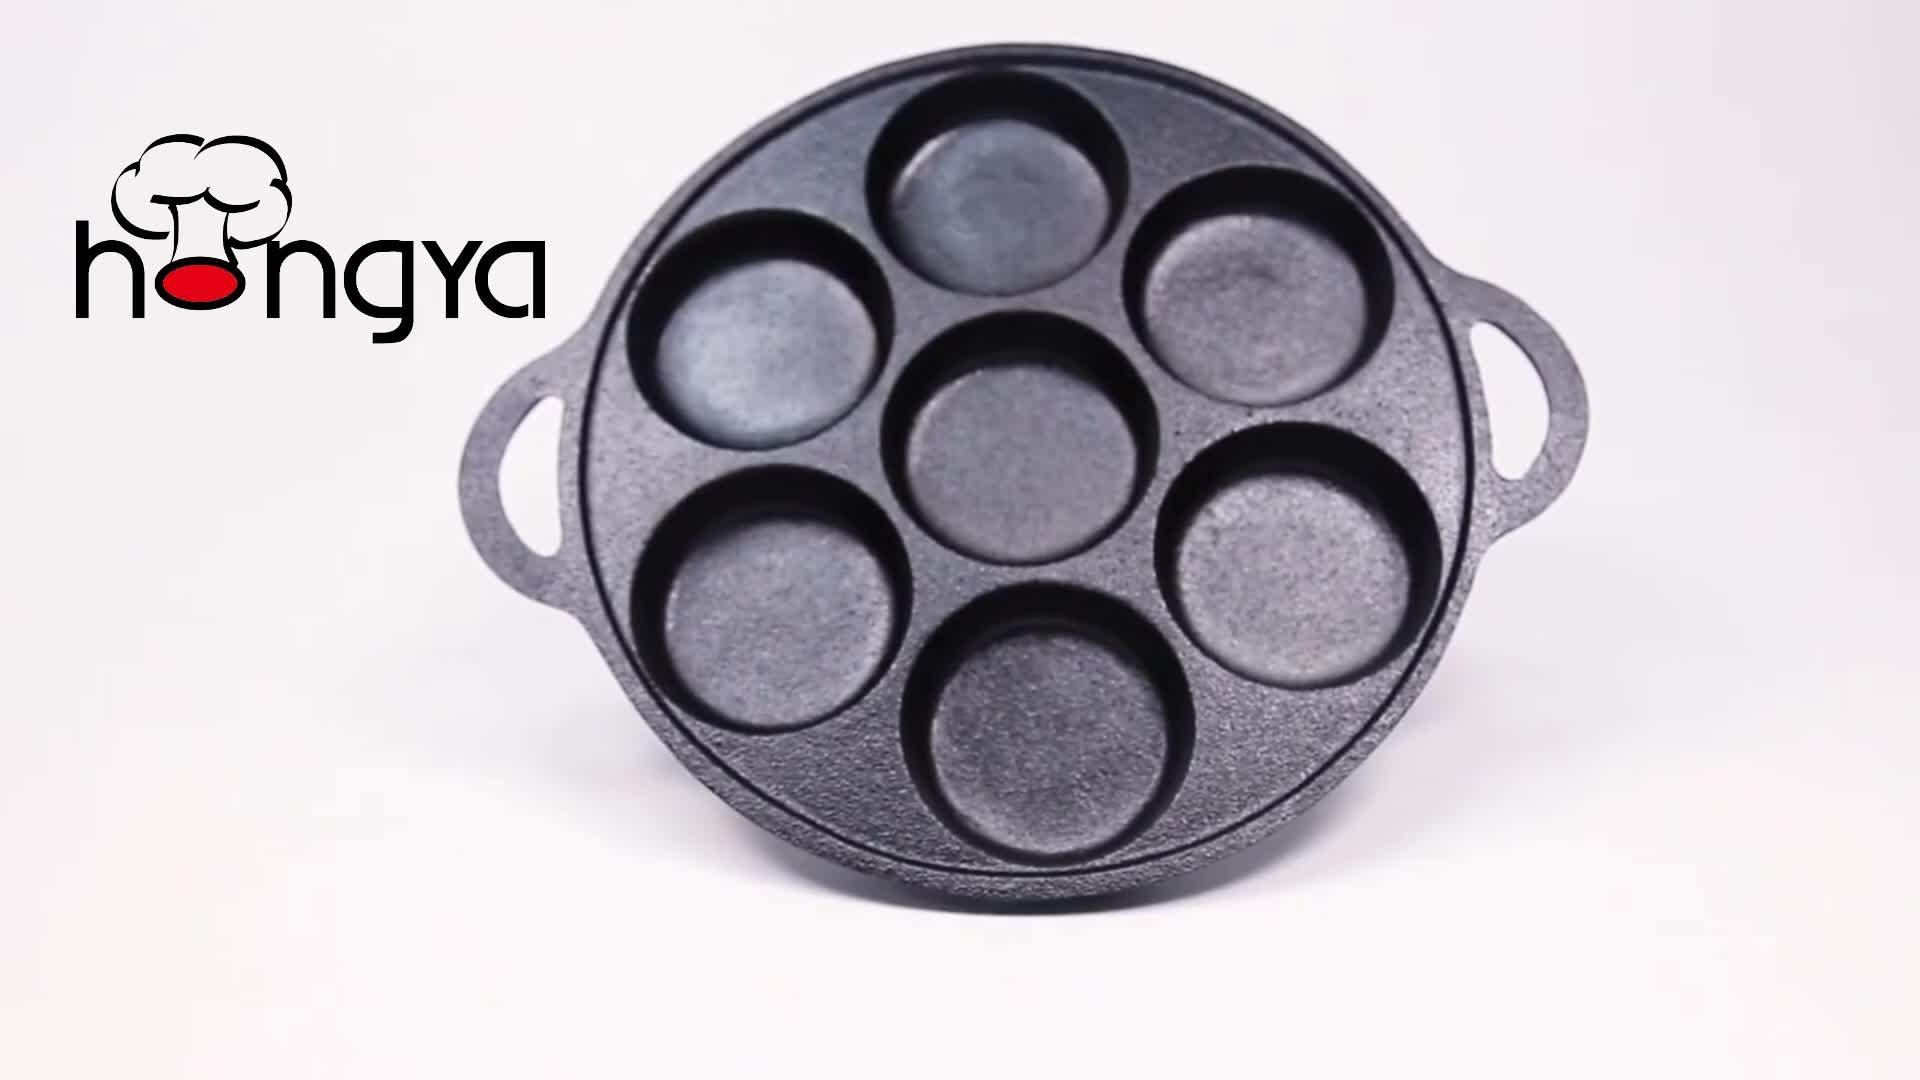 7 Lubang Besi Cor Bakeware Kue Loyang dengan Kualitas Baik Minyak Sayur Pembuat Muffin Harga